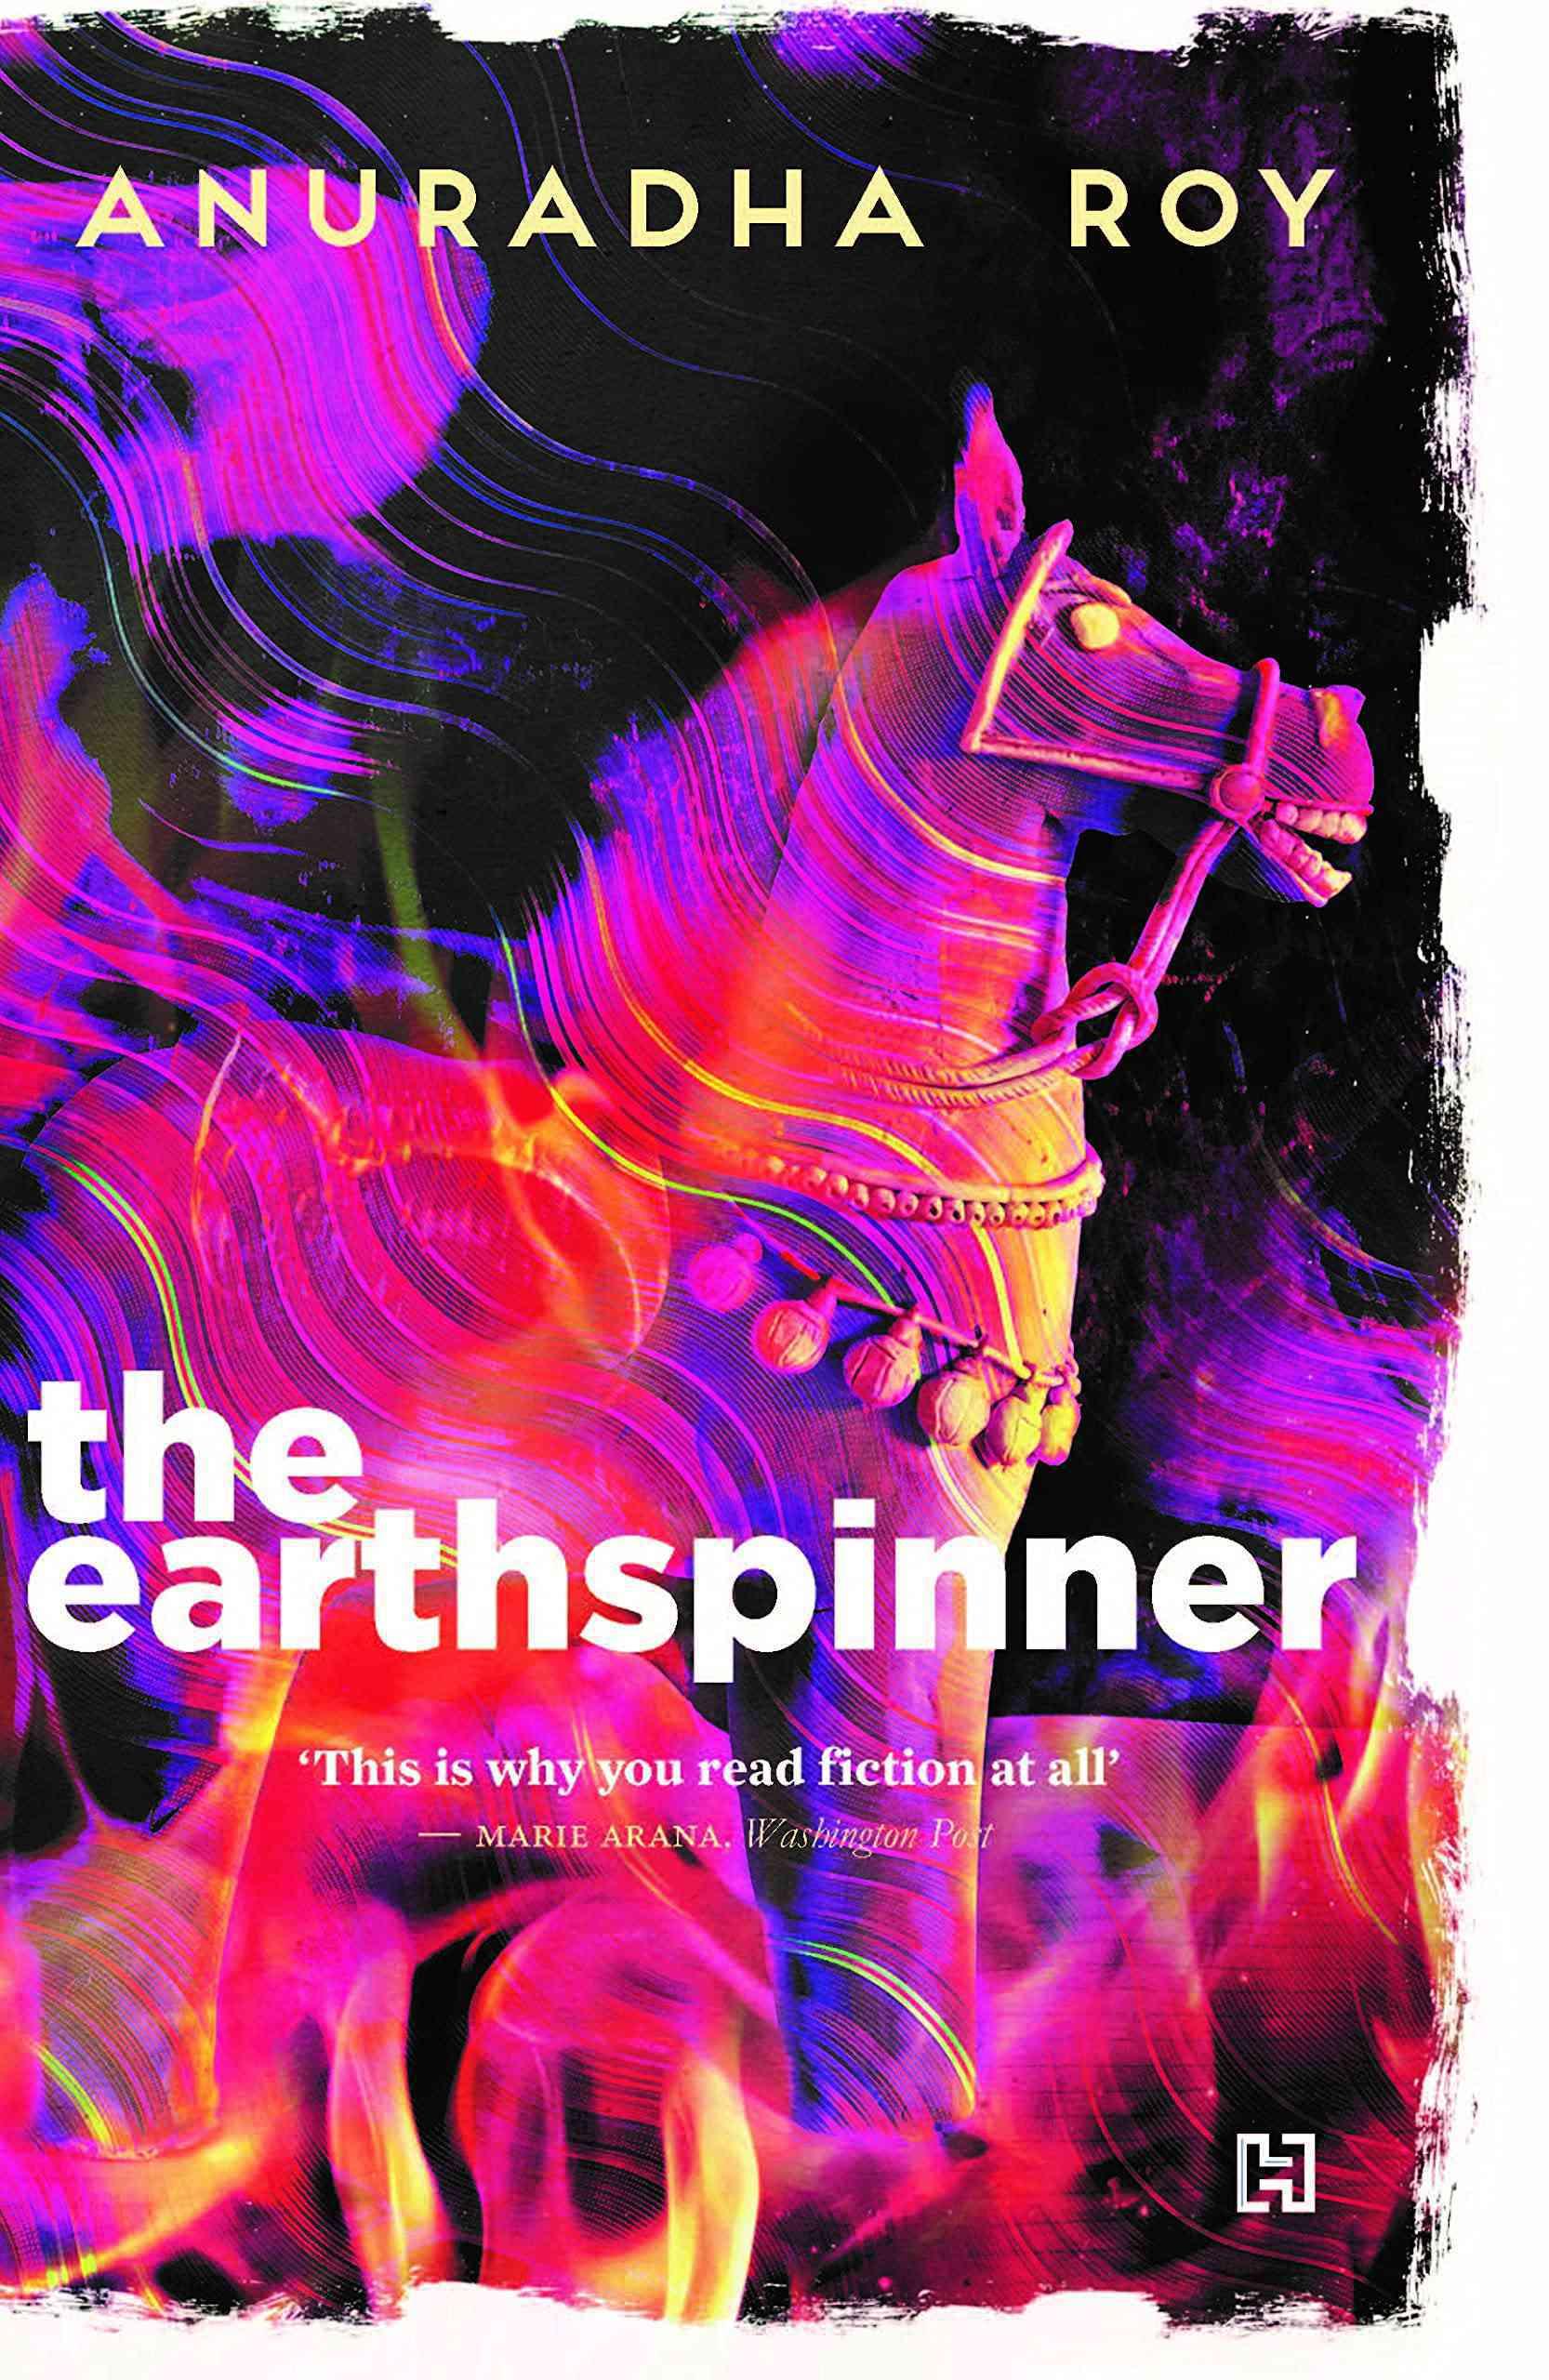 The Earthspinner